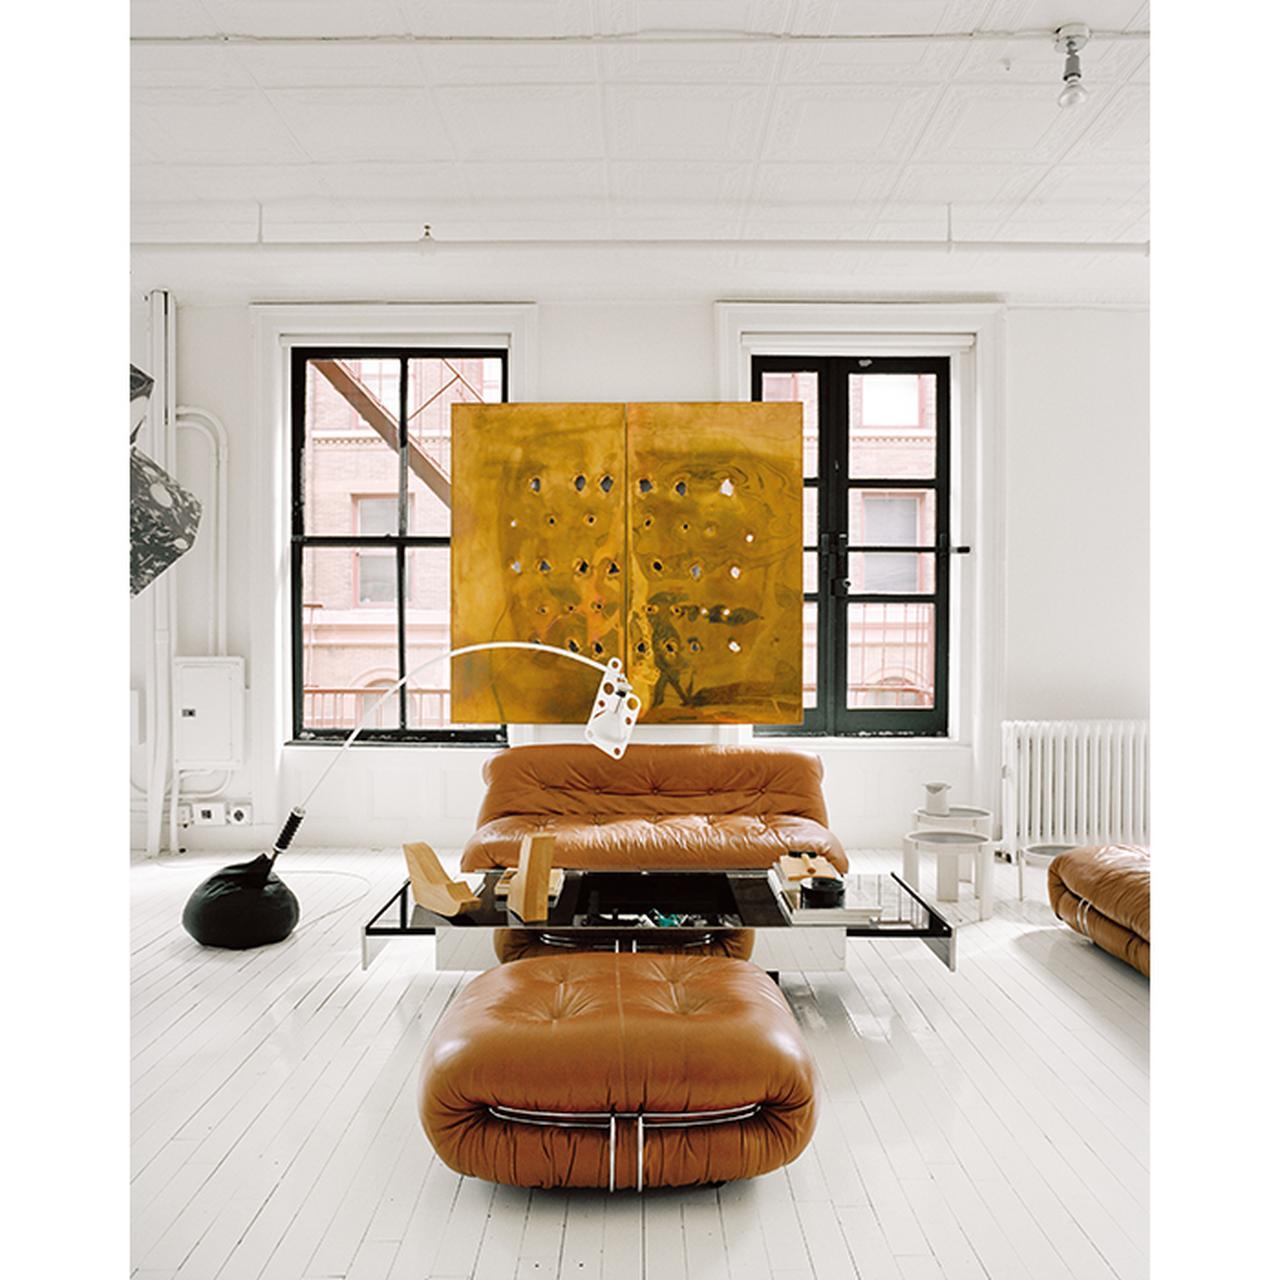 Images : 4番目の画像 - 「70年代の面影を残す ソーホーのロフトに暮らす」のアルバム - T JAPAN:The New York Times Style Magazine 公式サイト